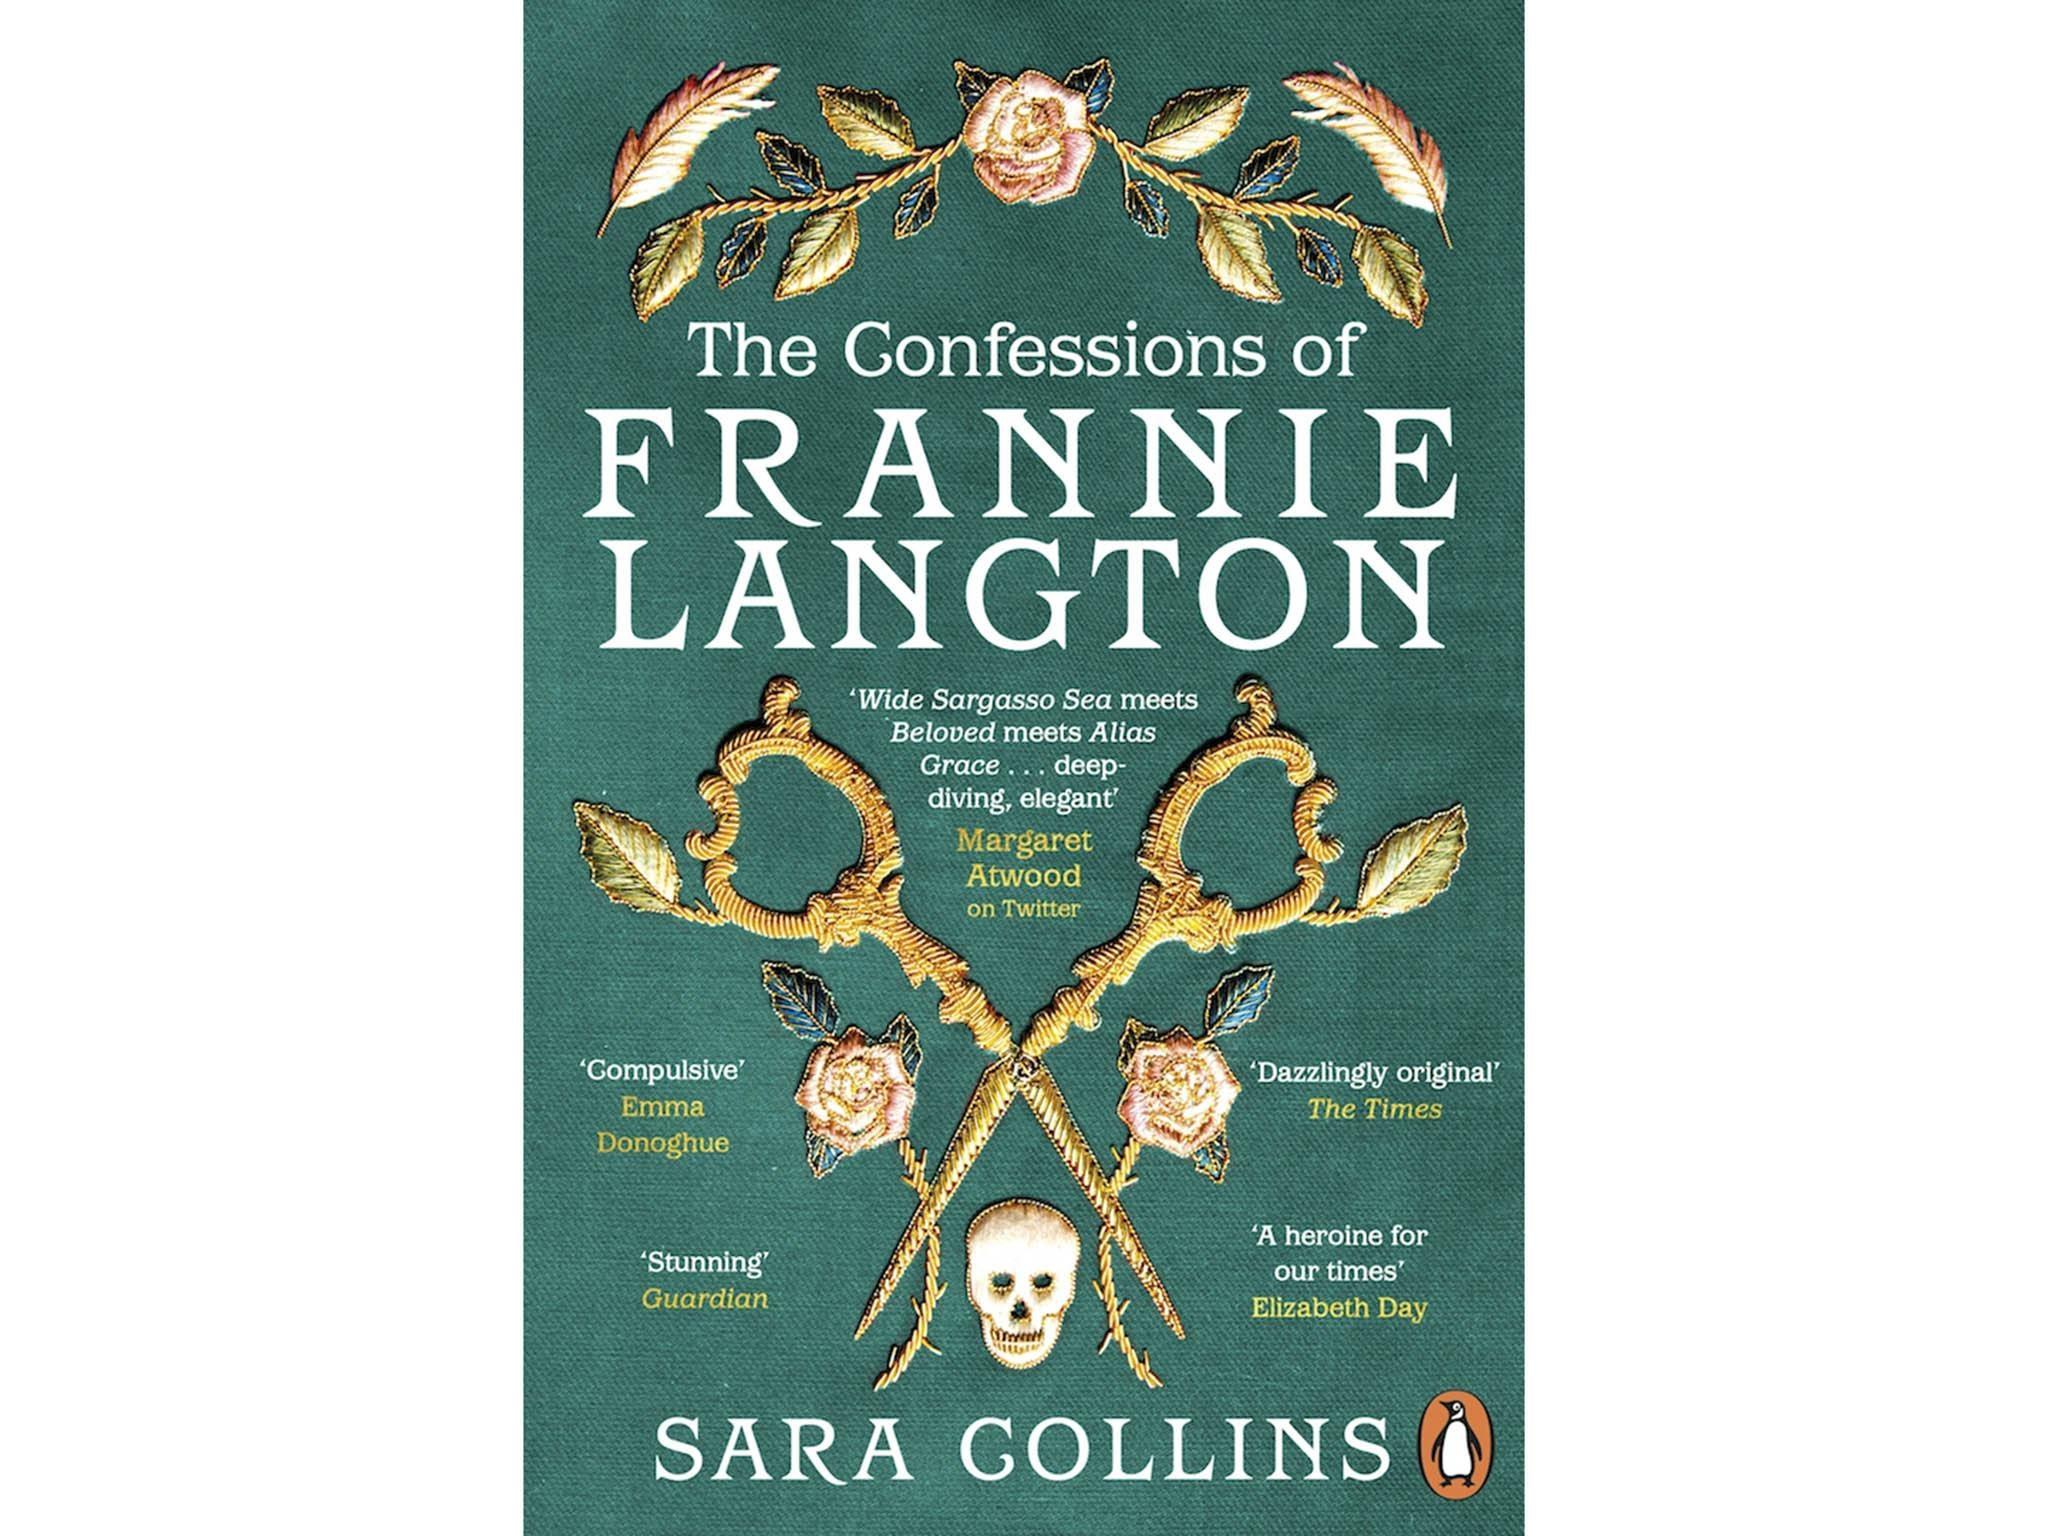 """""""ذا كونفيشنز أوف فراني لانغتون"""" (اعترافات فراني لانغتون) للمؤلفة سارة كولينز عن دار پينغوين للنشر"""